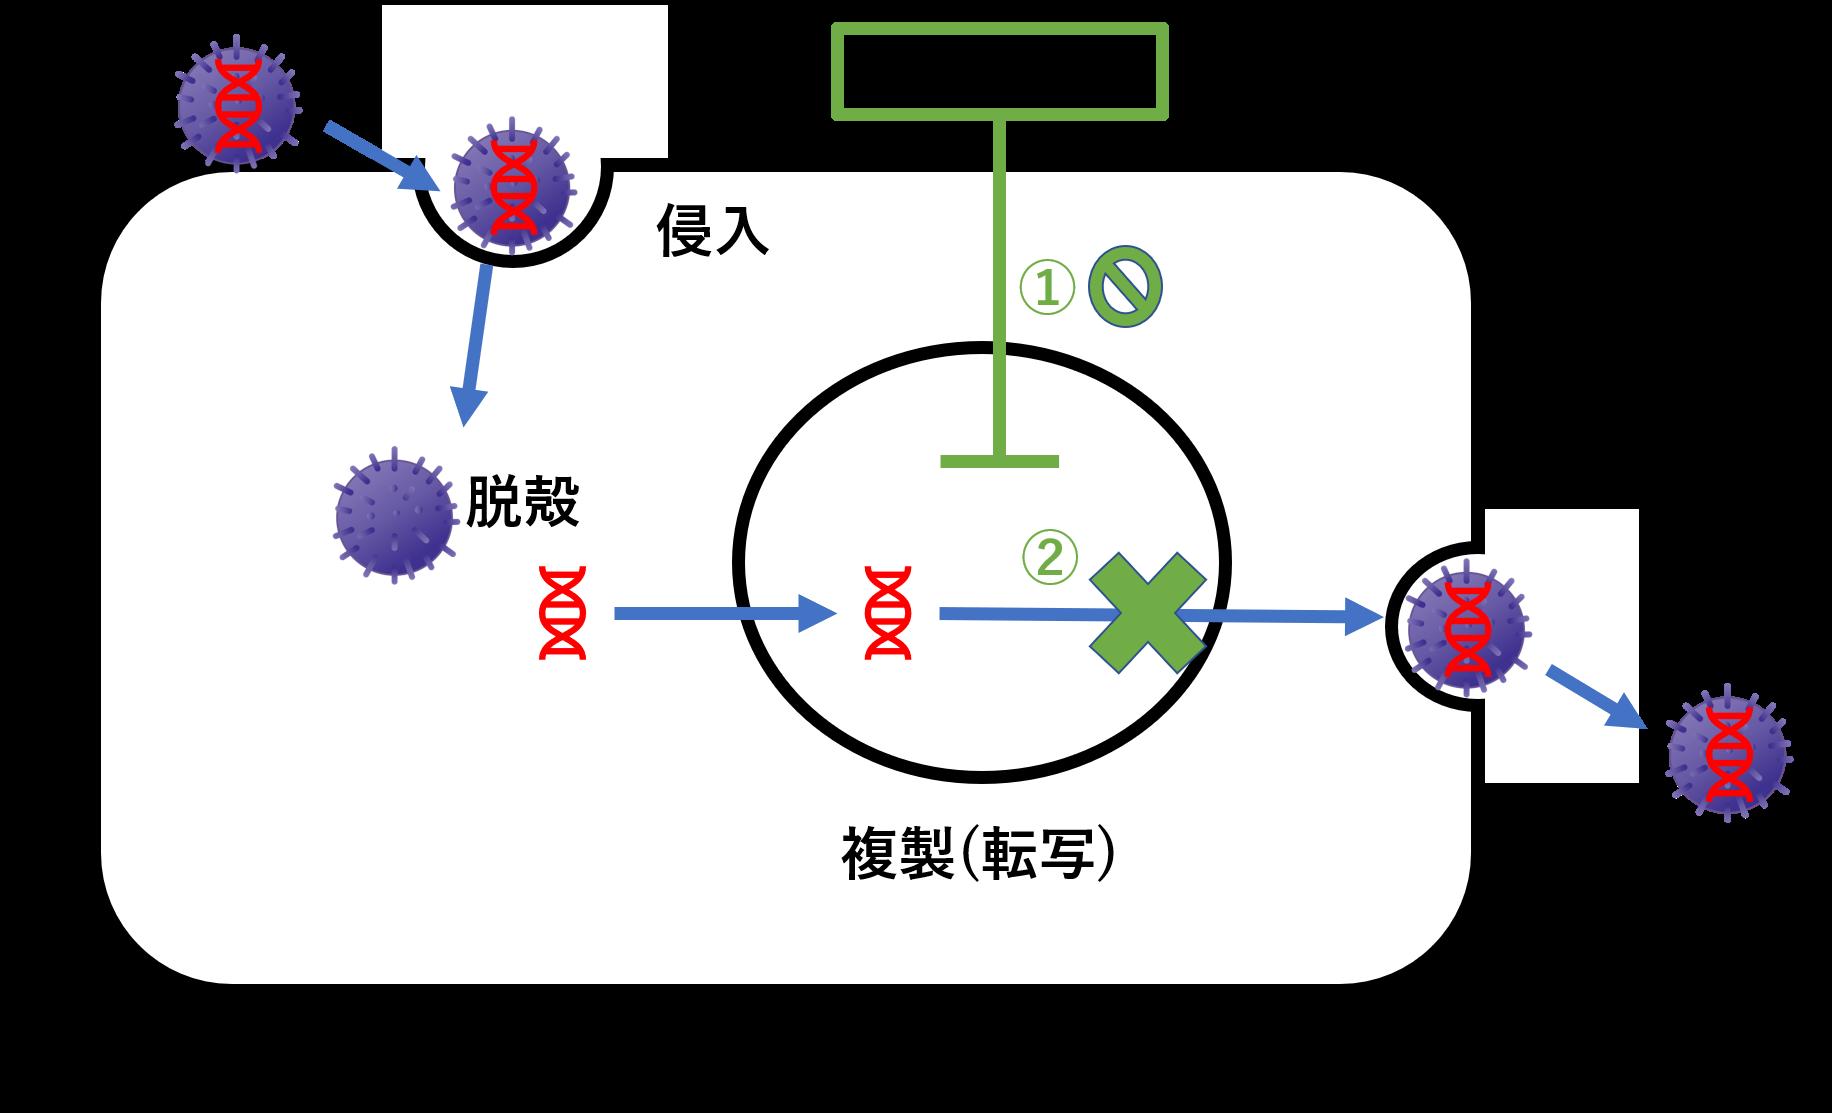 ゾフルーザ(バロキサビル)はmRNAの合成を阻害するインフルエンザ治療薬